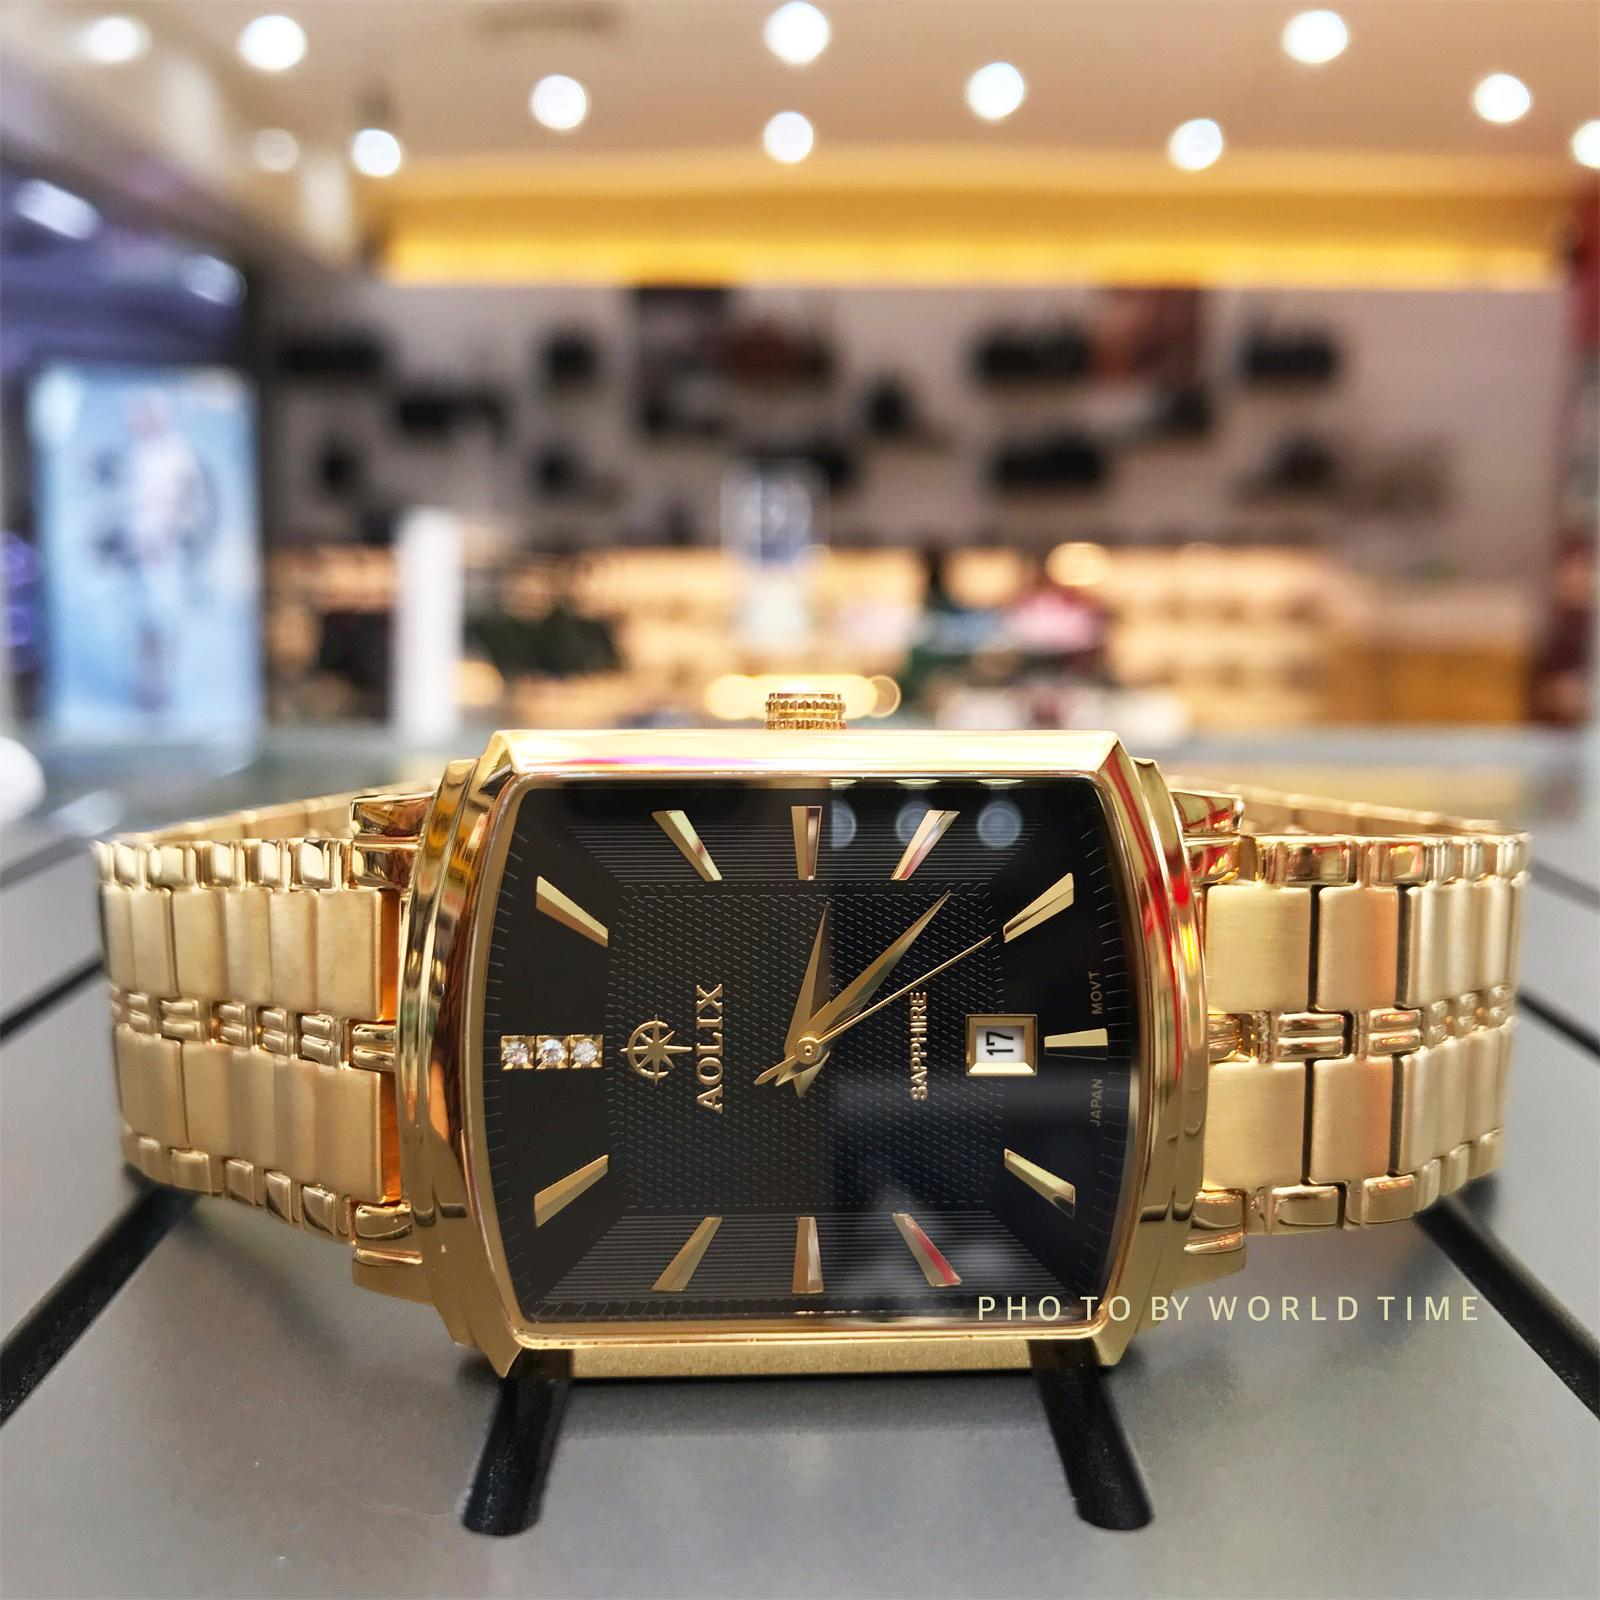 Nơi bán Đồng hồ nam Aolix AL9099G  Full Hộp ,Thẻ Bảo Hành Hãng, Kính Sapphire Chống Xước Chống Nước, Mặt Đen Màu Vàng Dây Thép